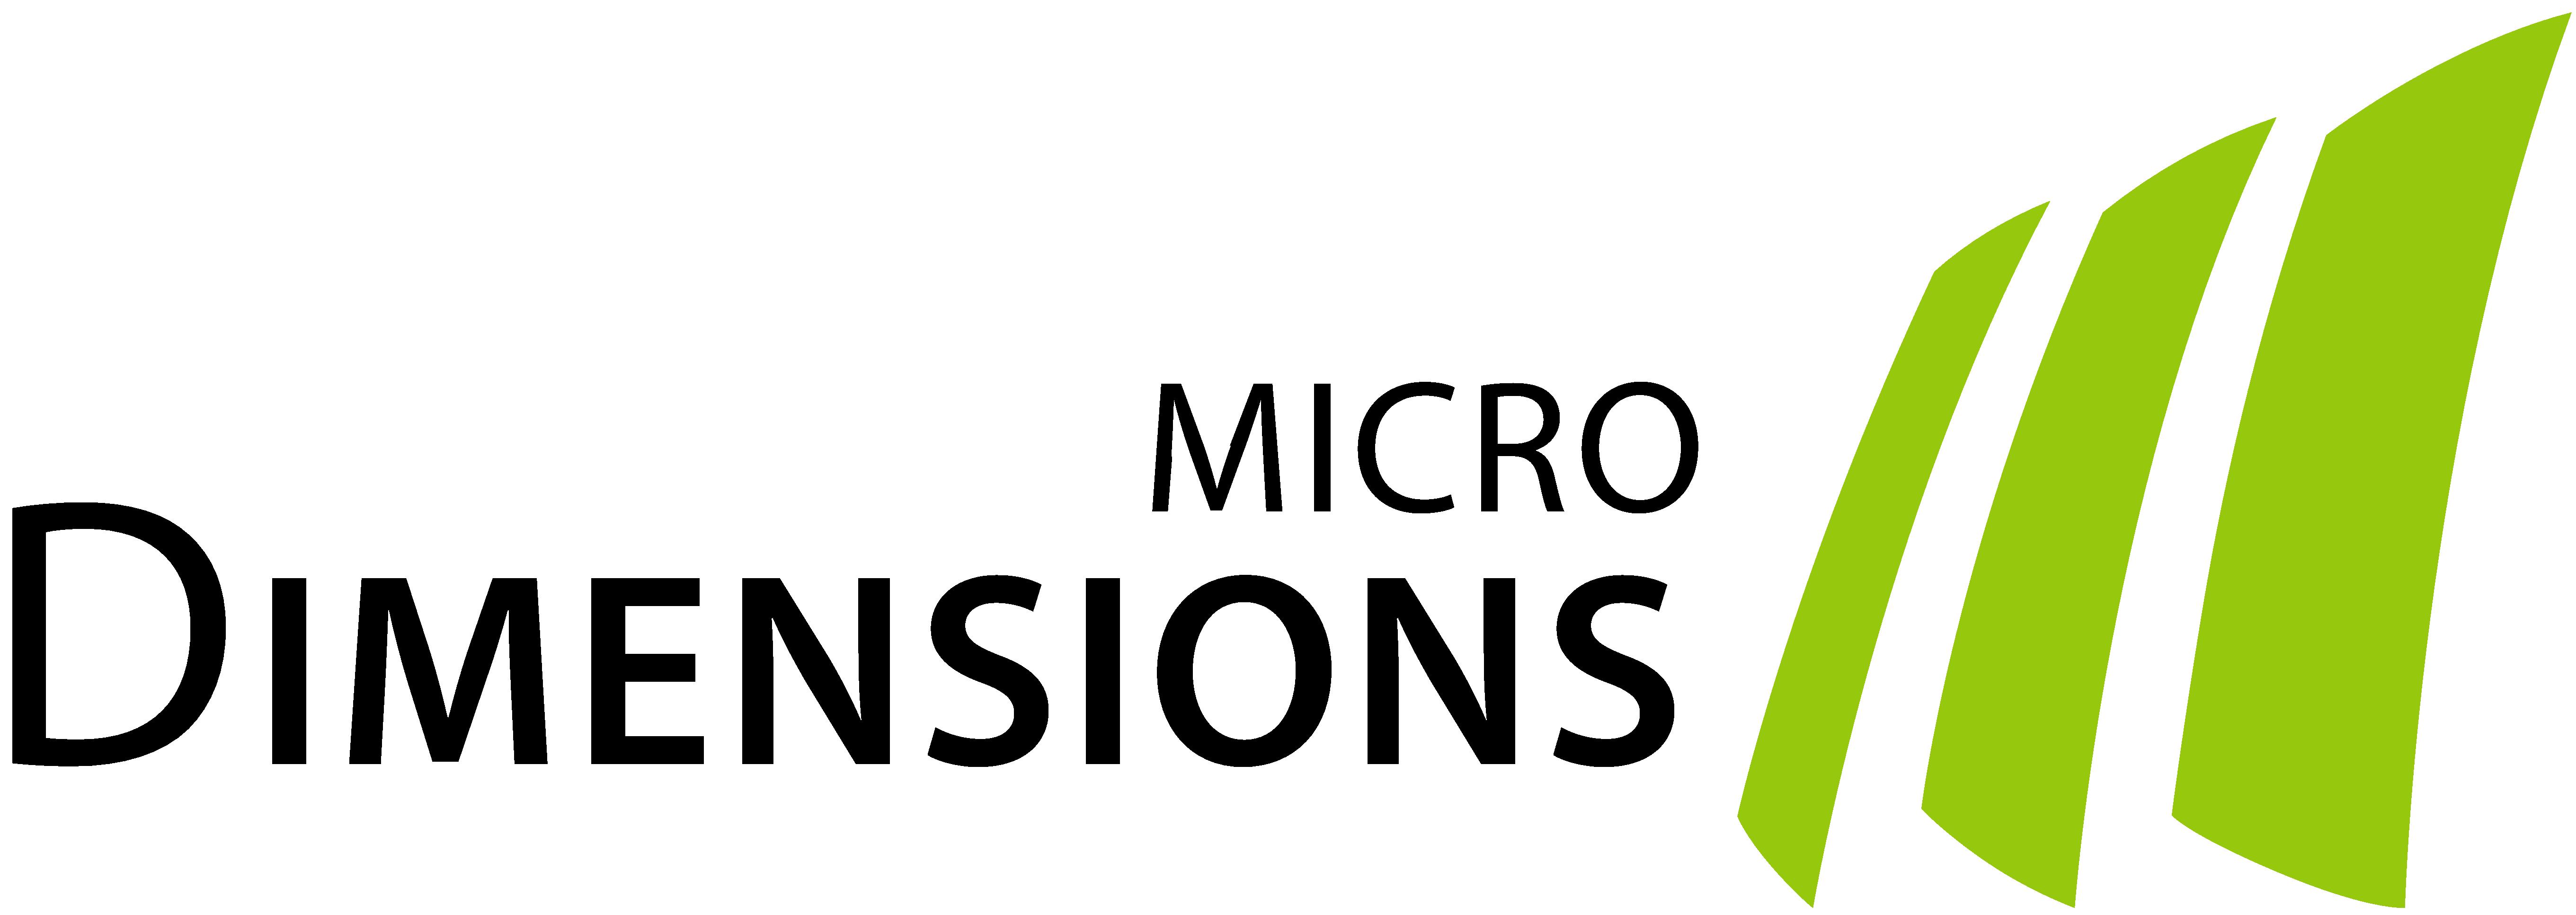 Microdimensions pic 2